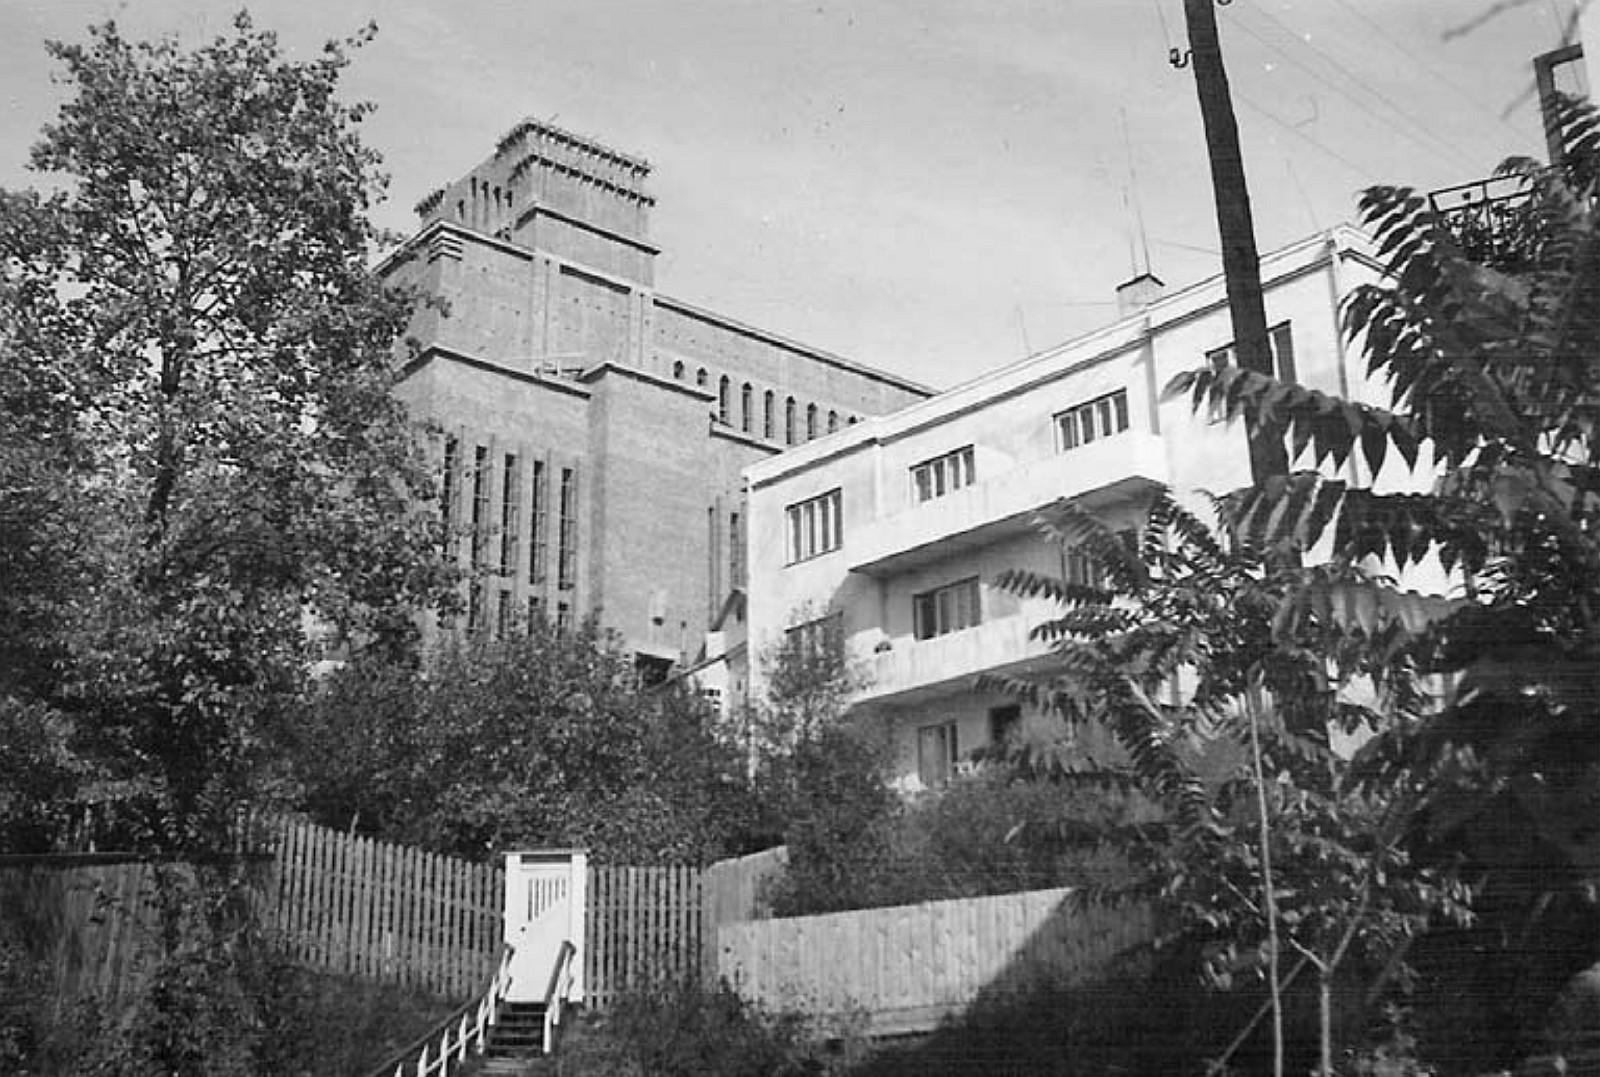 8 il. Bažnyčios statybai įsibėgėjant: pietinio šventovės fasado vaizdas, apie 1938 m., Kauno Kristaus Prisikėlimo bažnyčios ir parapijos archyvas